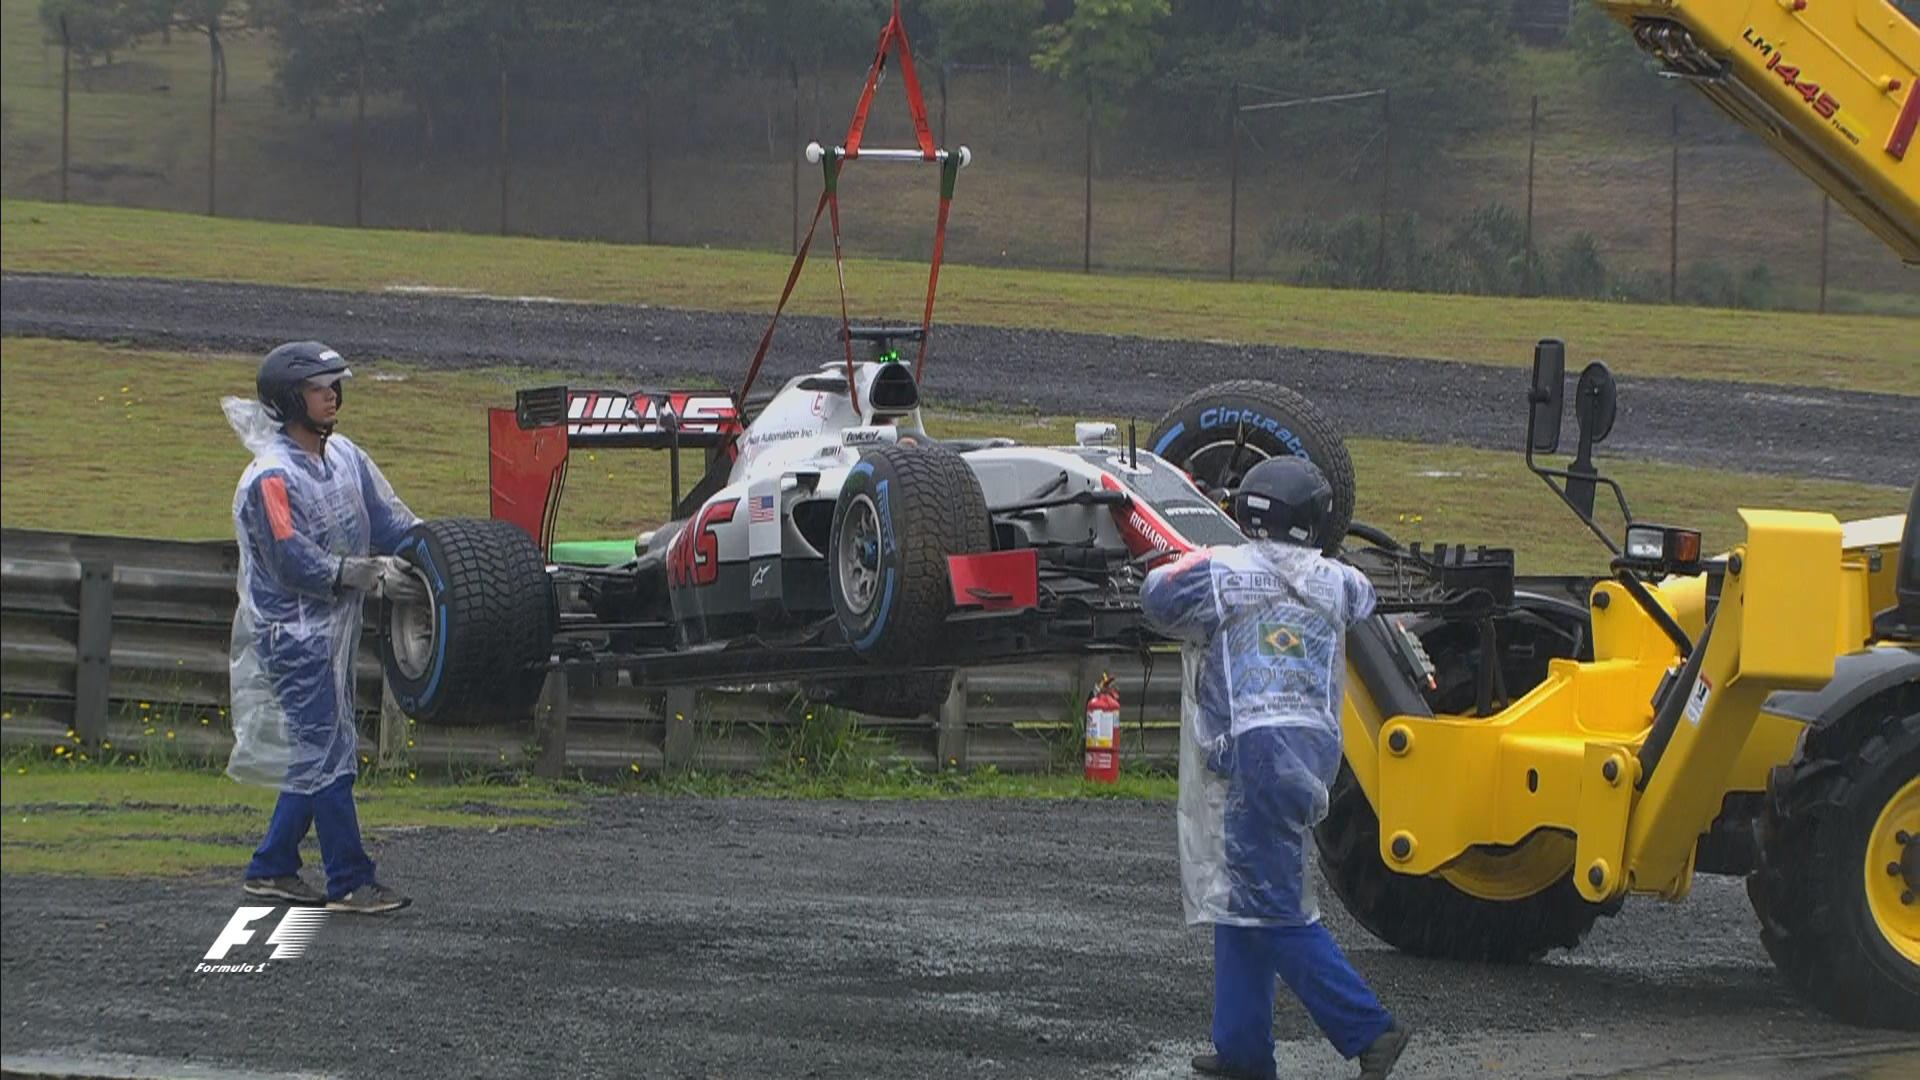 La Haas di Grosjean, rimossa dopo l'incidente avvenuto mentre il francese si recava in griglia per schierarsi (foto da: portalrace.com.br)